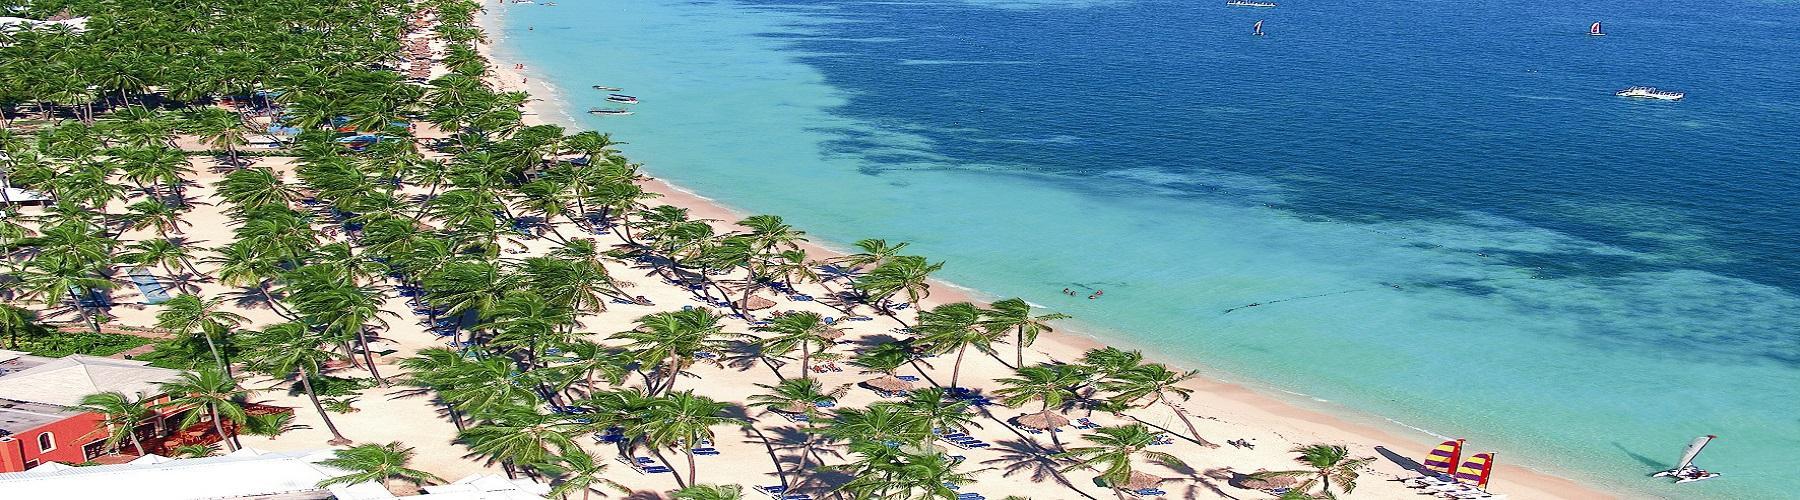 Лучшие пляжи Пунта Каны